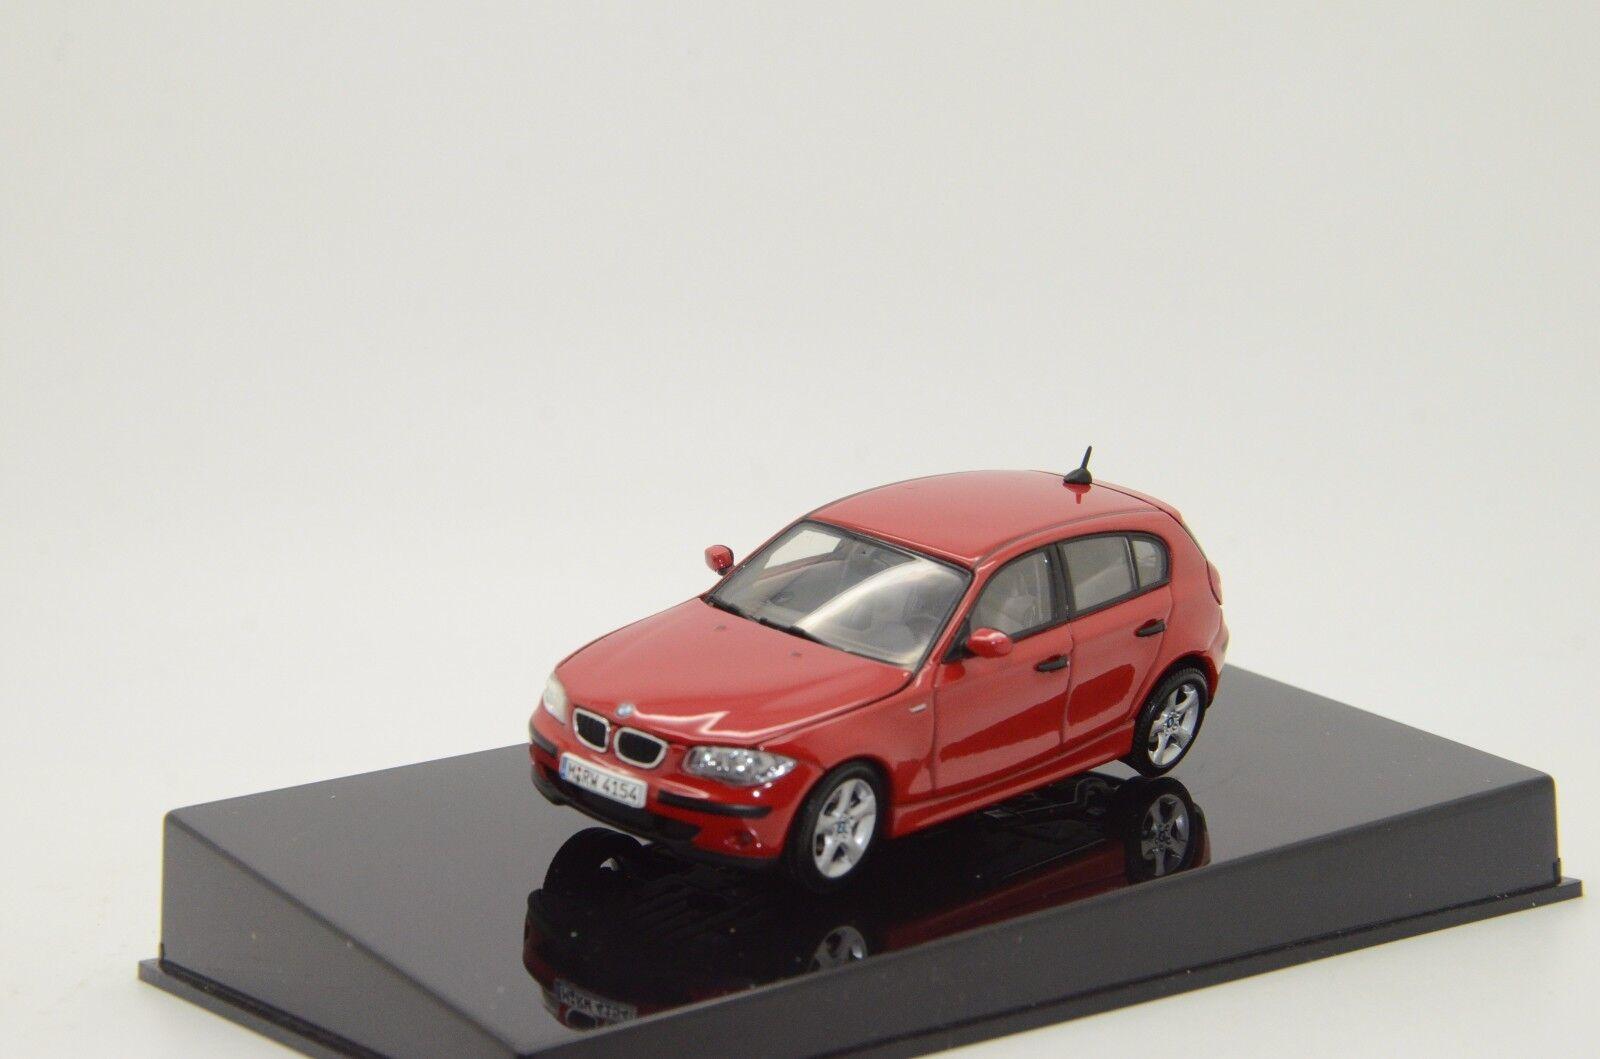 cómodamente      rara    BMW 1 Series japarojo Autoart 50553 1 43  comprar marca